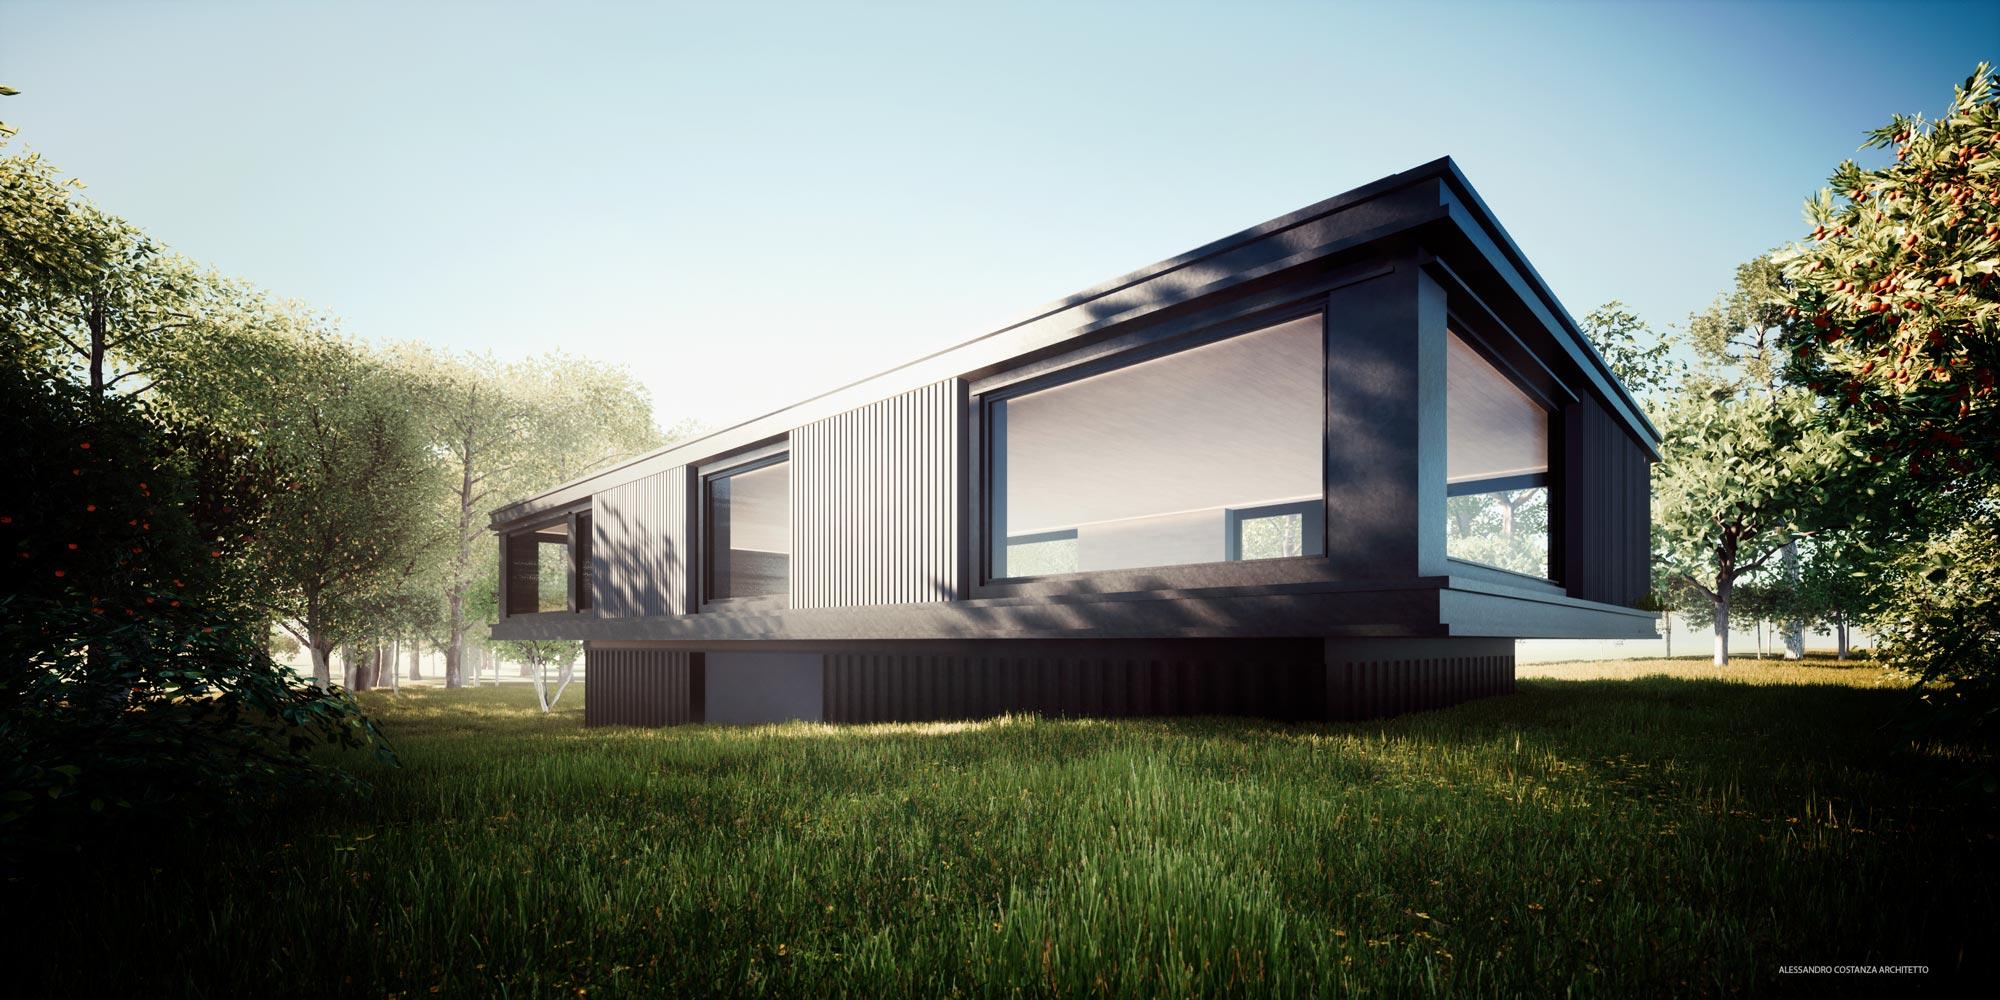 studio per progetto residenziale render esterno - Alessandro Costanza Architetto